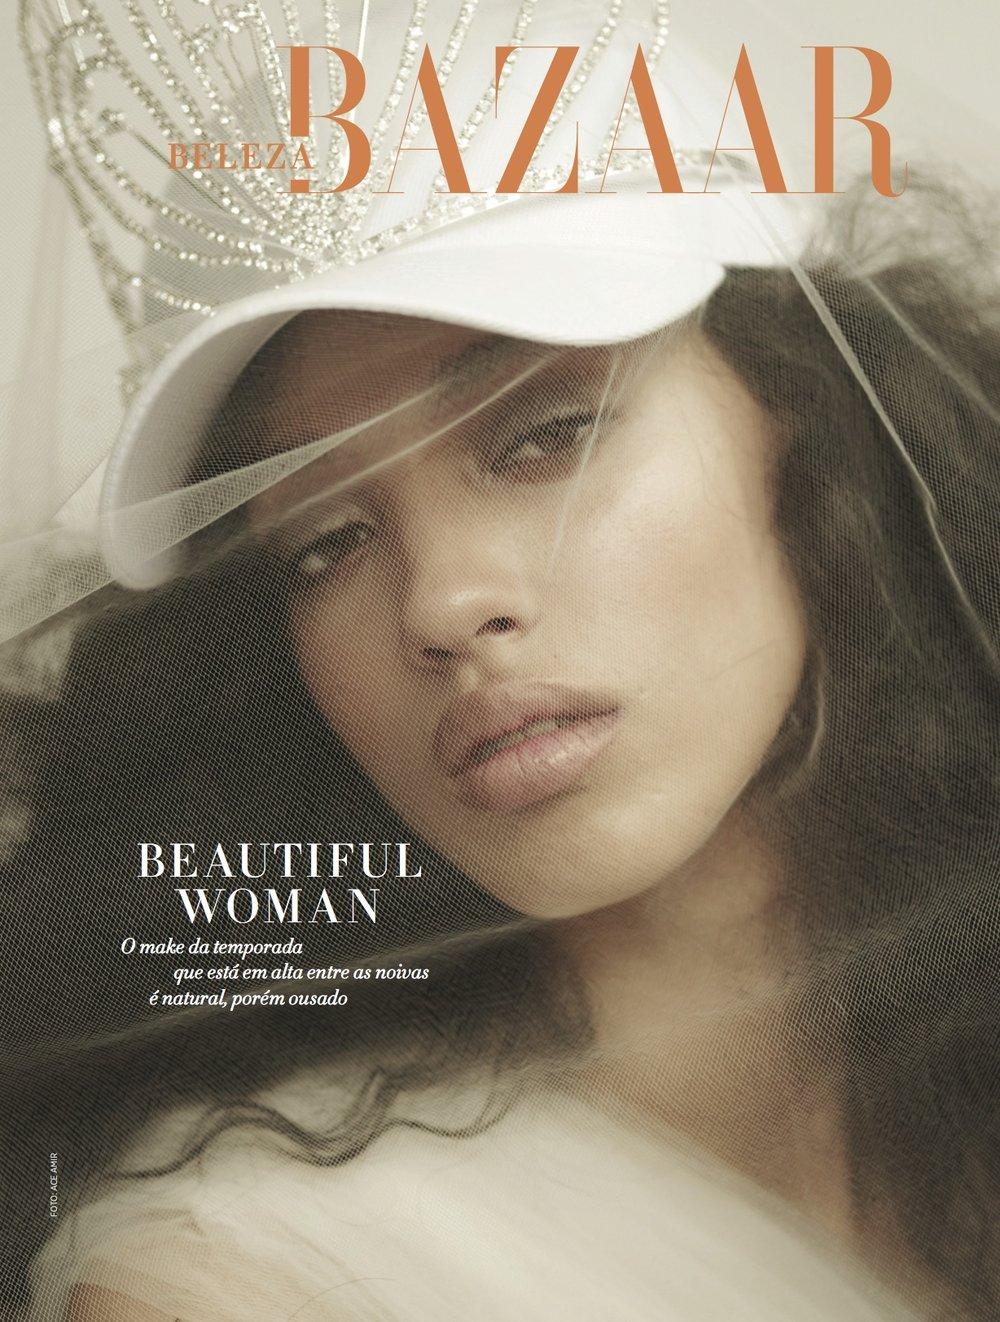 ABRE BELEZA beauty Harpers Bazaar Brasil beauty.jpg